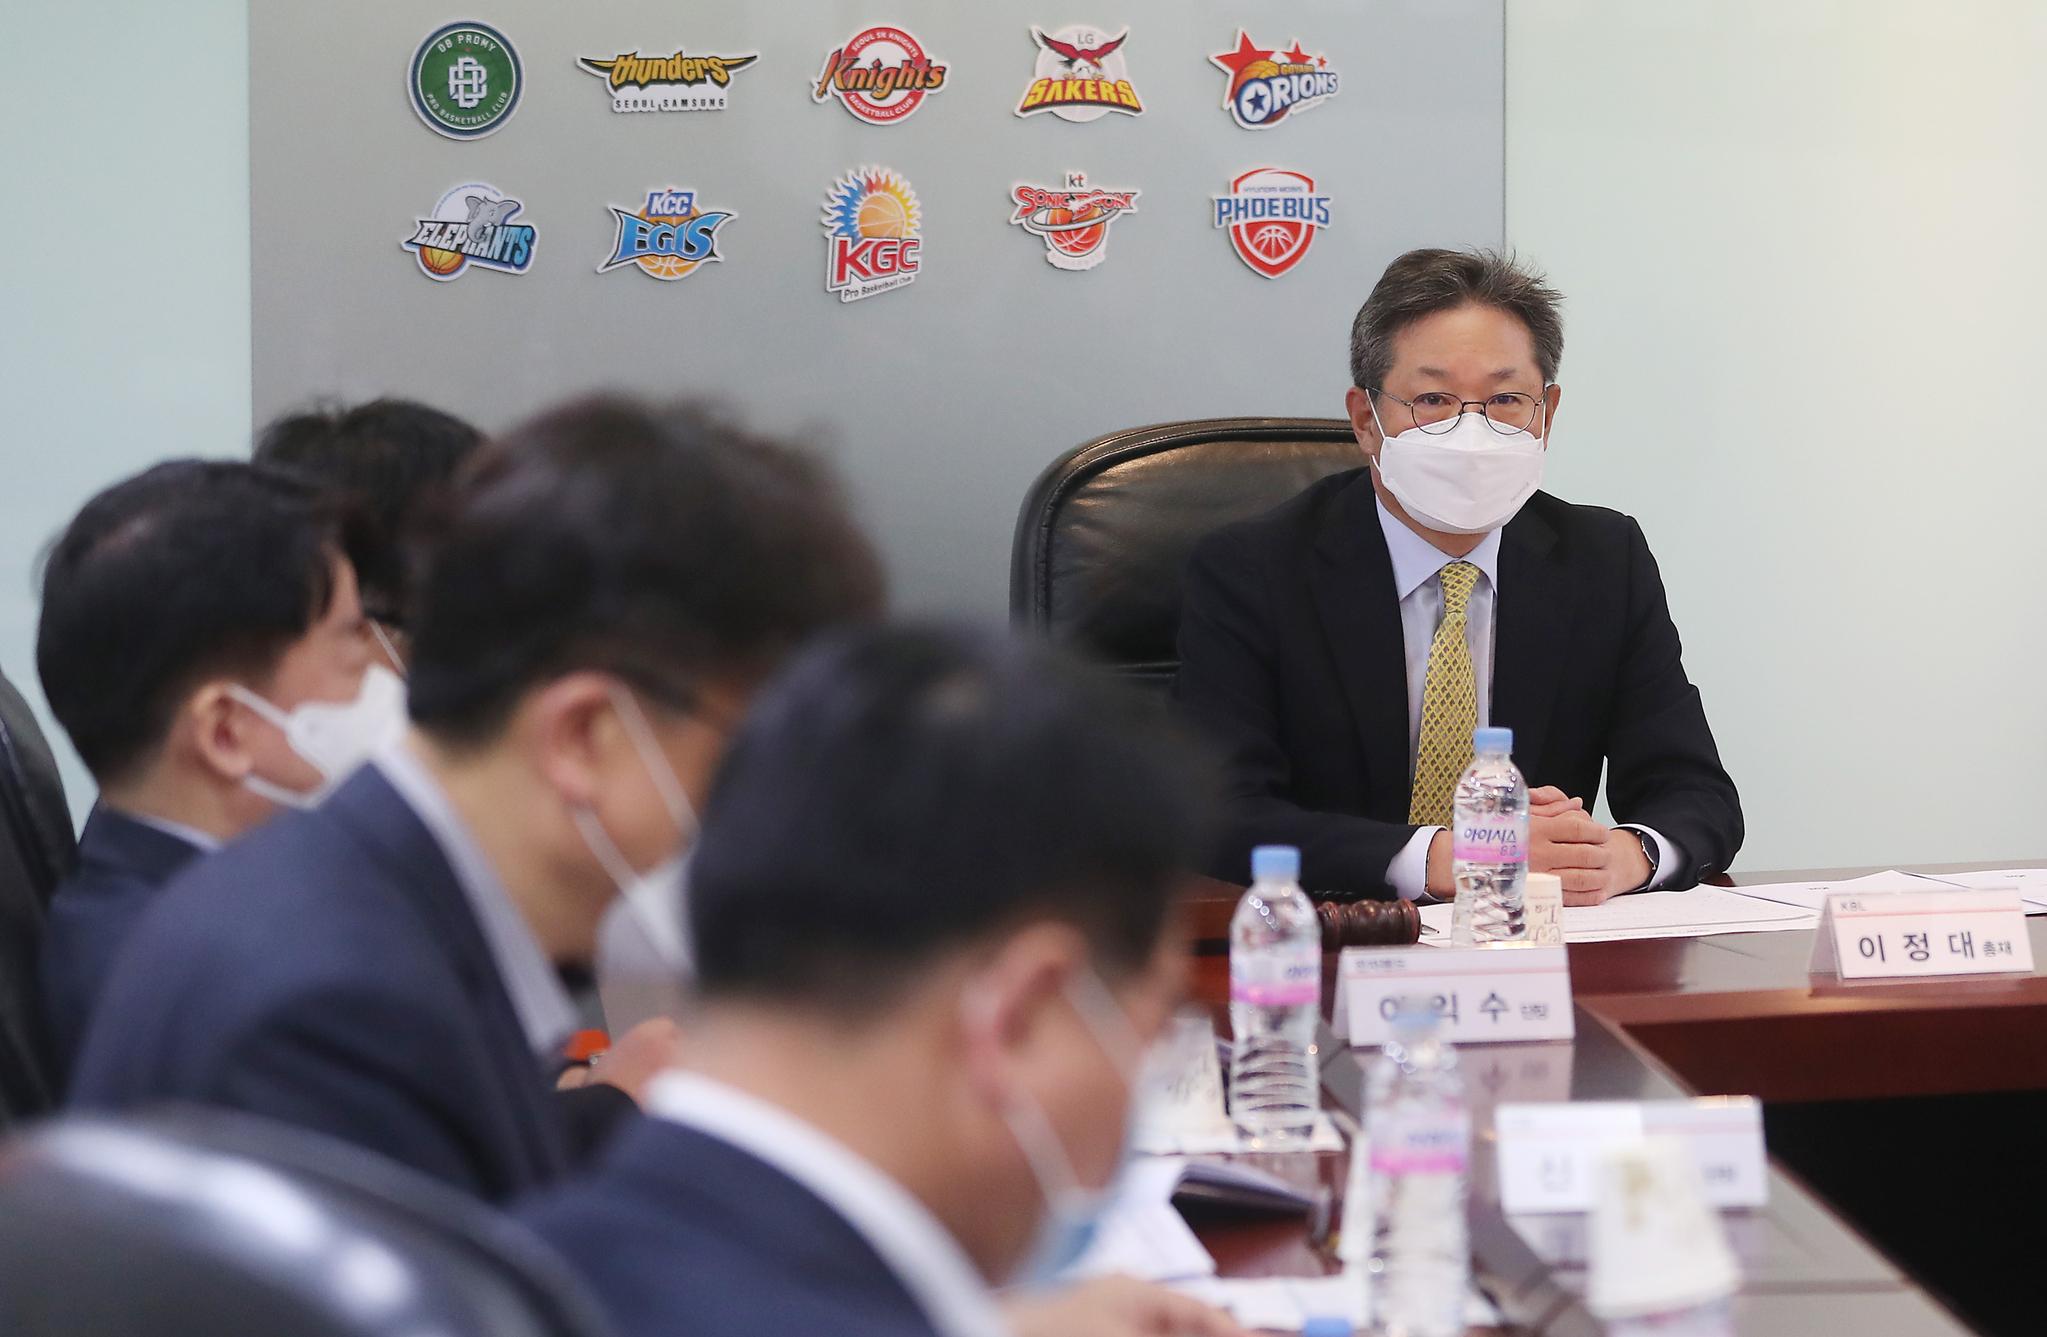 KBL 이정대 총재가 24일 오전 강남구 KBL센터에서 열린 이사회를 주재하고 있다.   KBL은 시즌 조기종료를 결정했다. [연합뉴스]